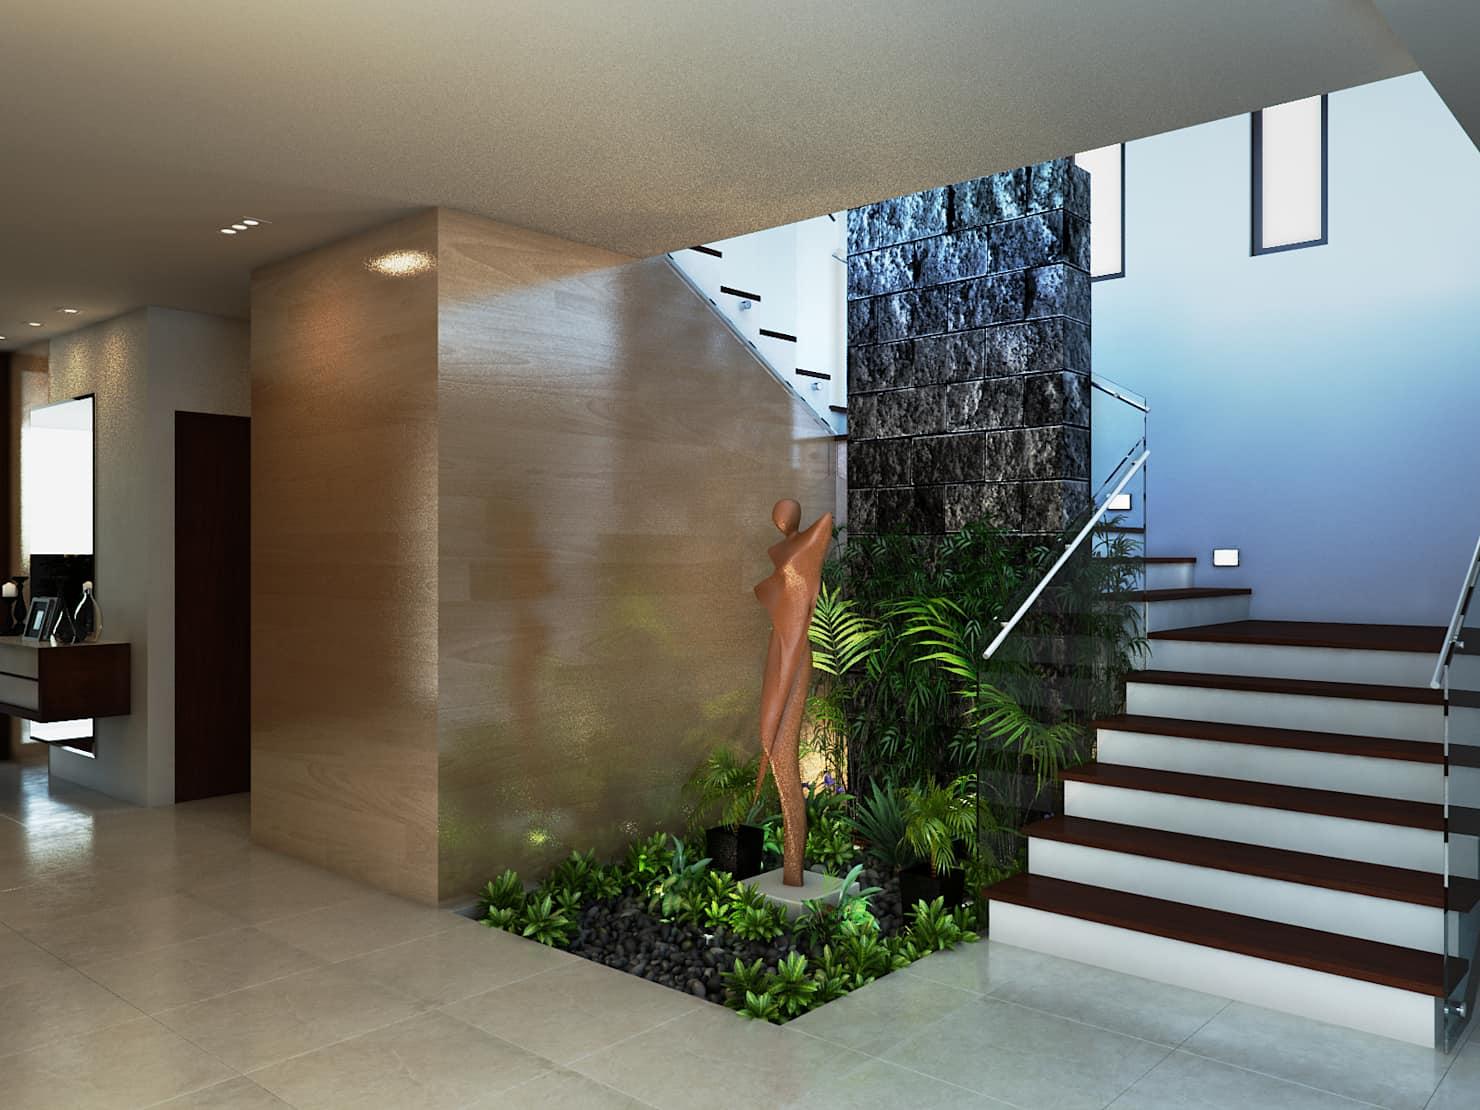 come-creare-giardino-in-casa-9